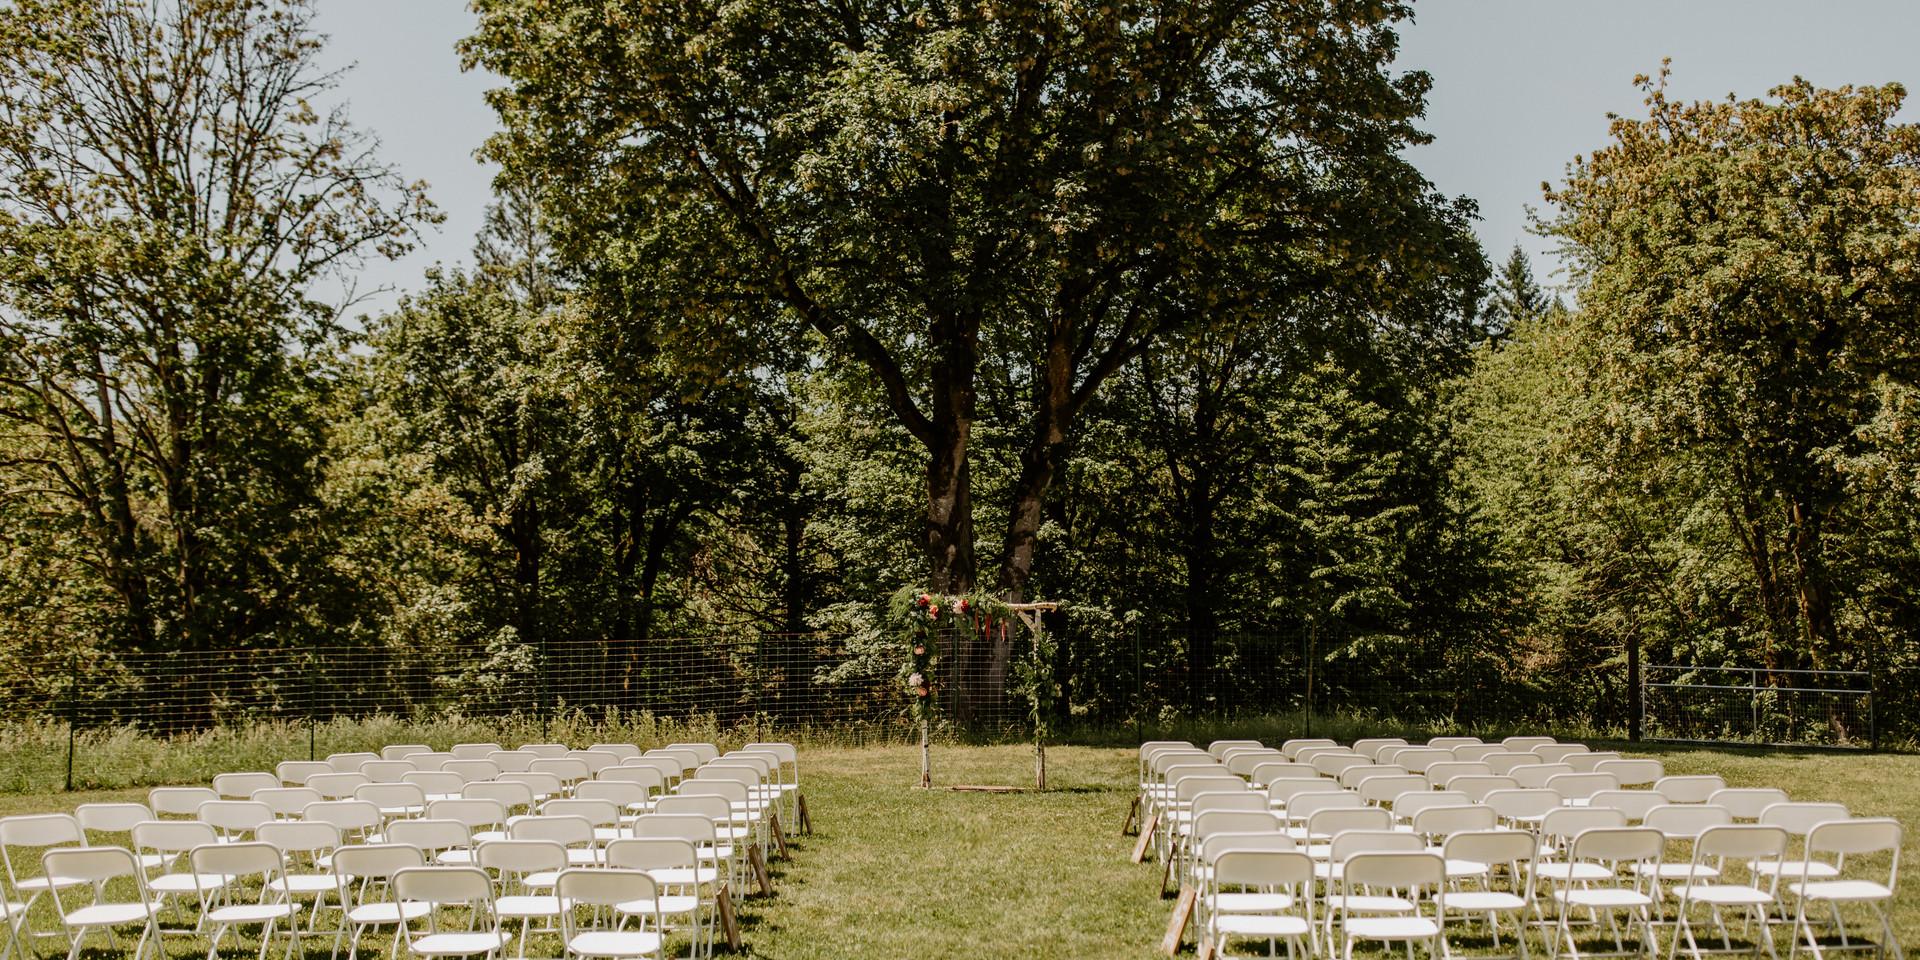 keddies-farm-country-wedding-13.jpg